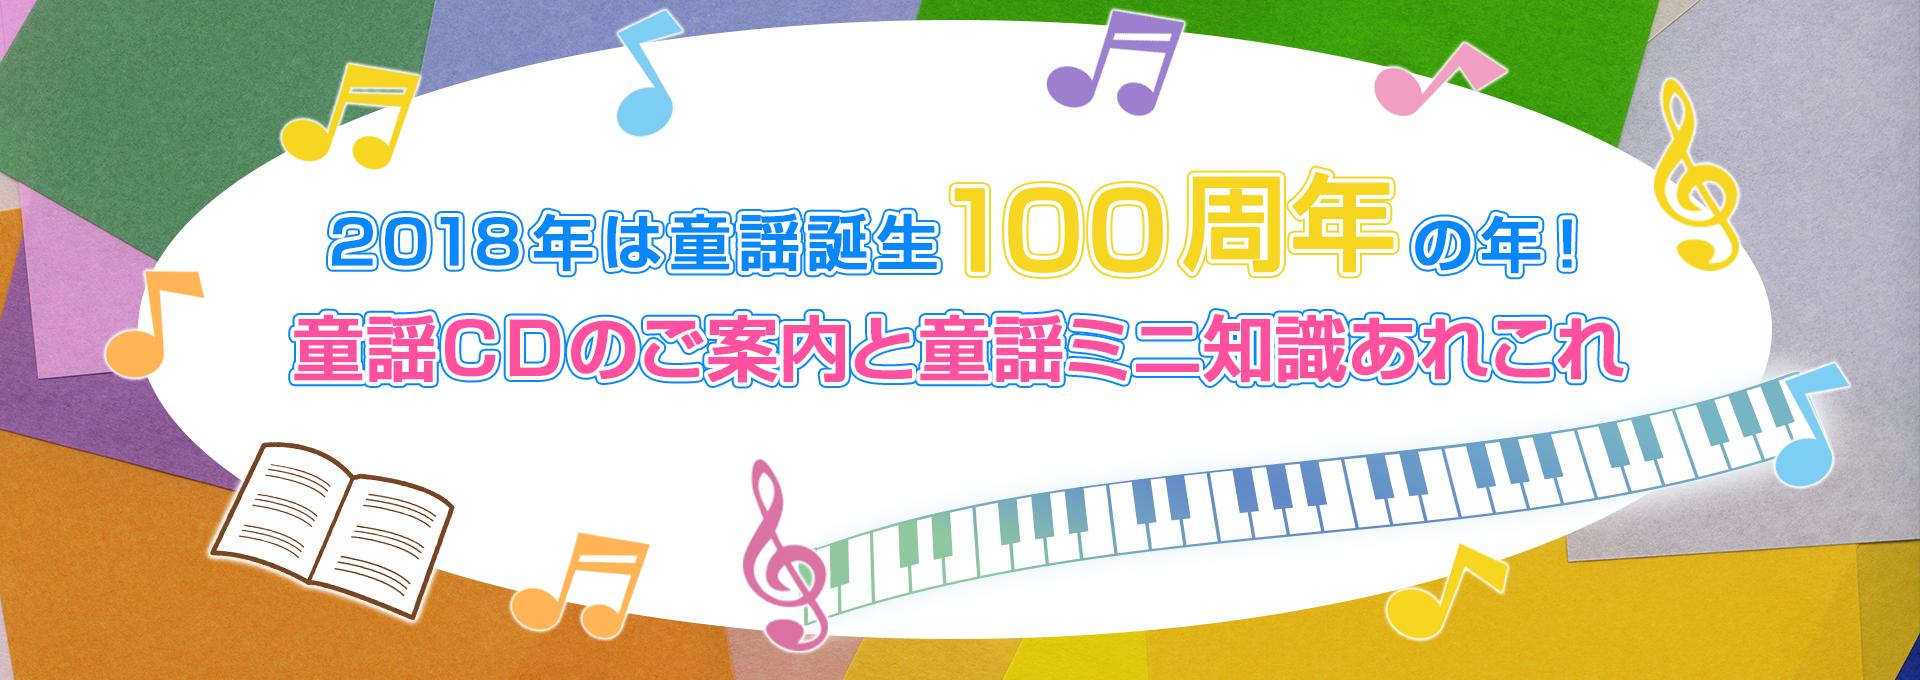 特集【2018年6月号】:2018年は童謡誕生100周年の年! 童謡CDのご案内と童謡ミニ知識あれこれ。